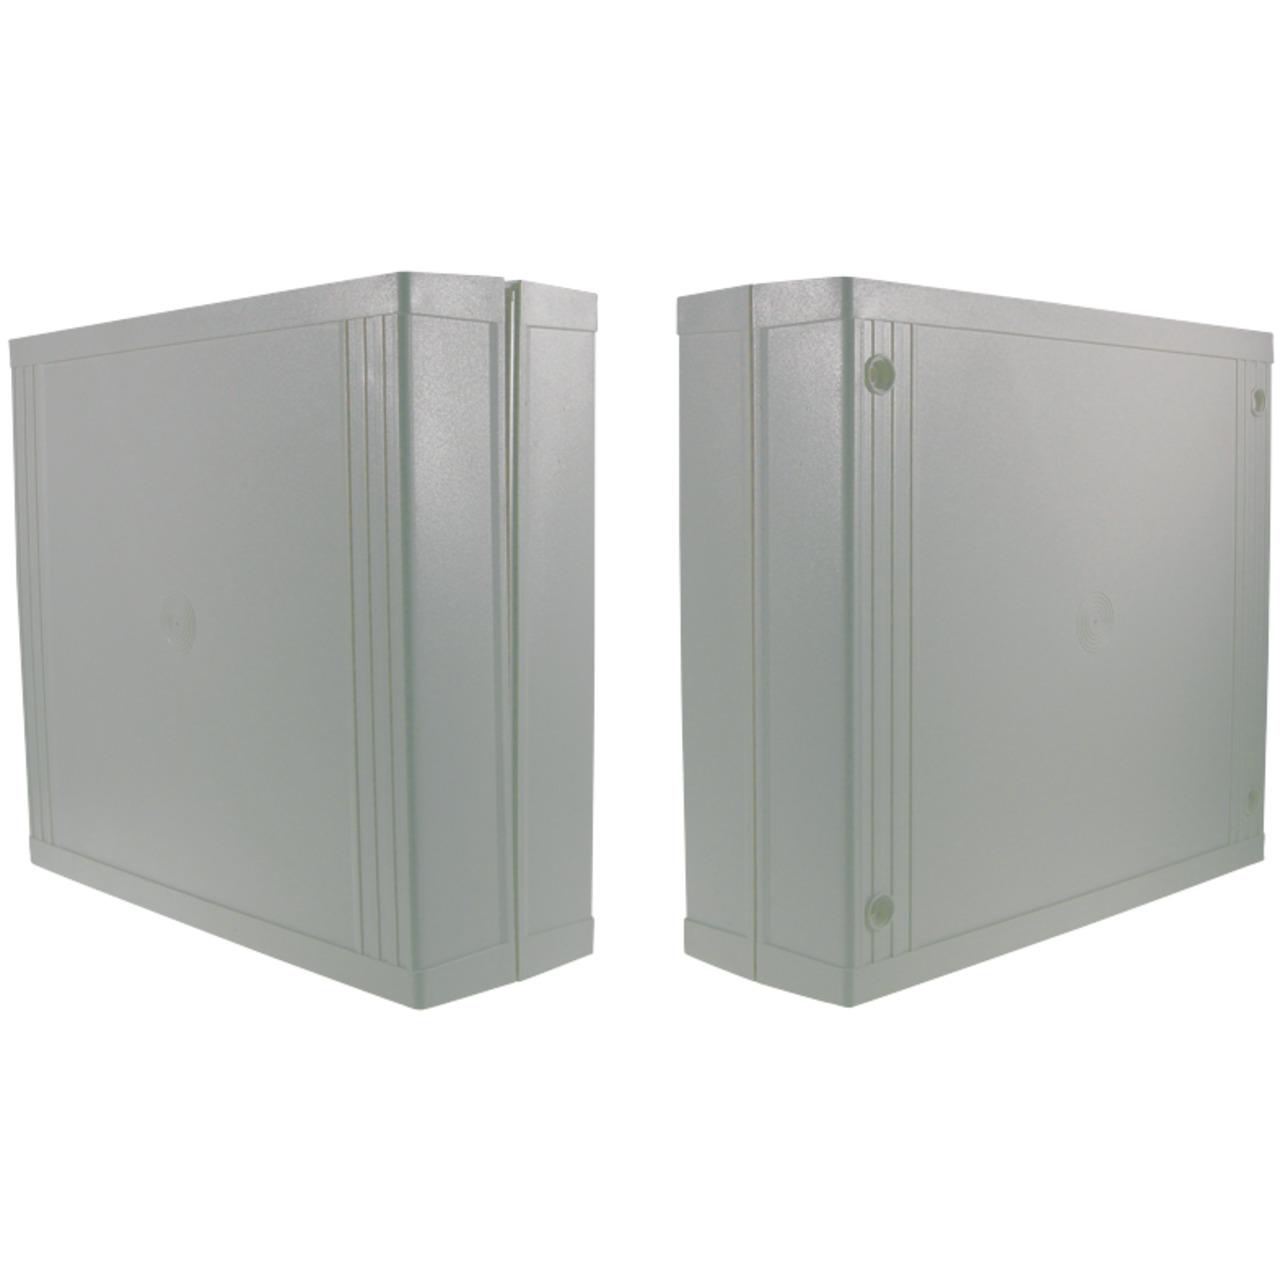 Strapubox Kunststoff-Gehäuse 7090 ABS 224 x 199 x 73 mm- grau